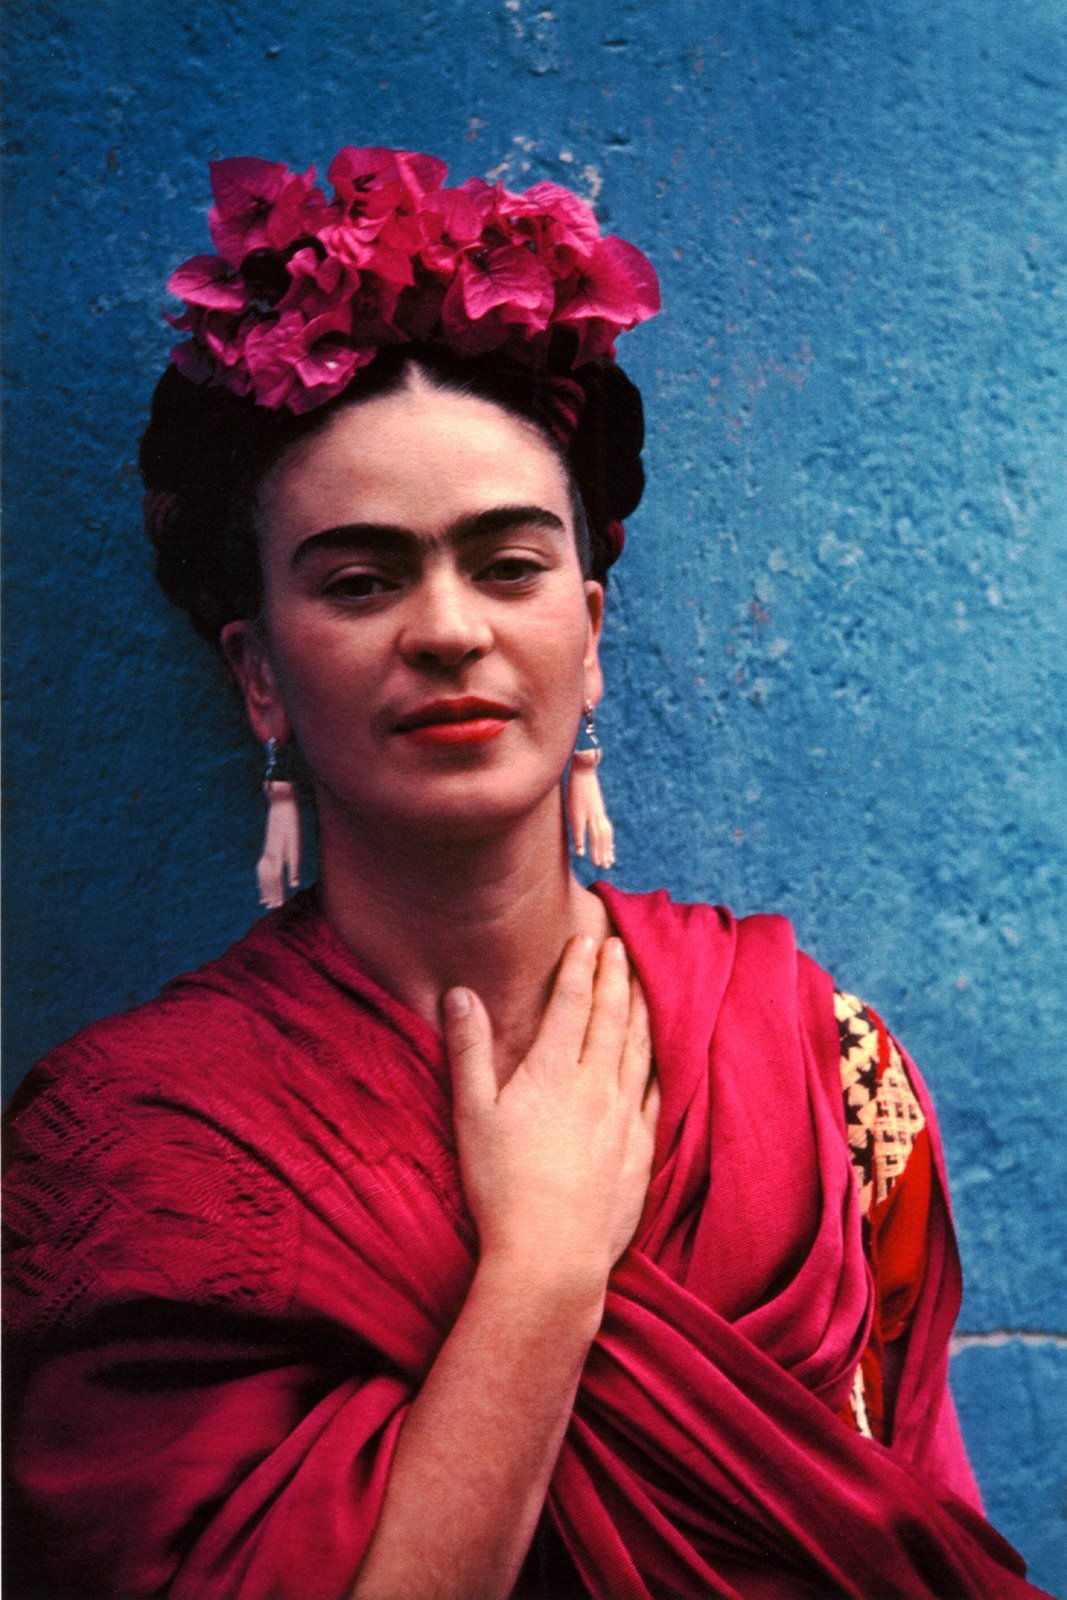 escoffiando o segredo de frida kahlo. Black Bedroom Furniture Sets. Home Design Ideas